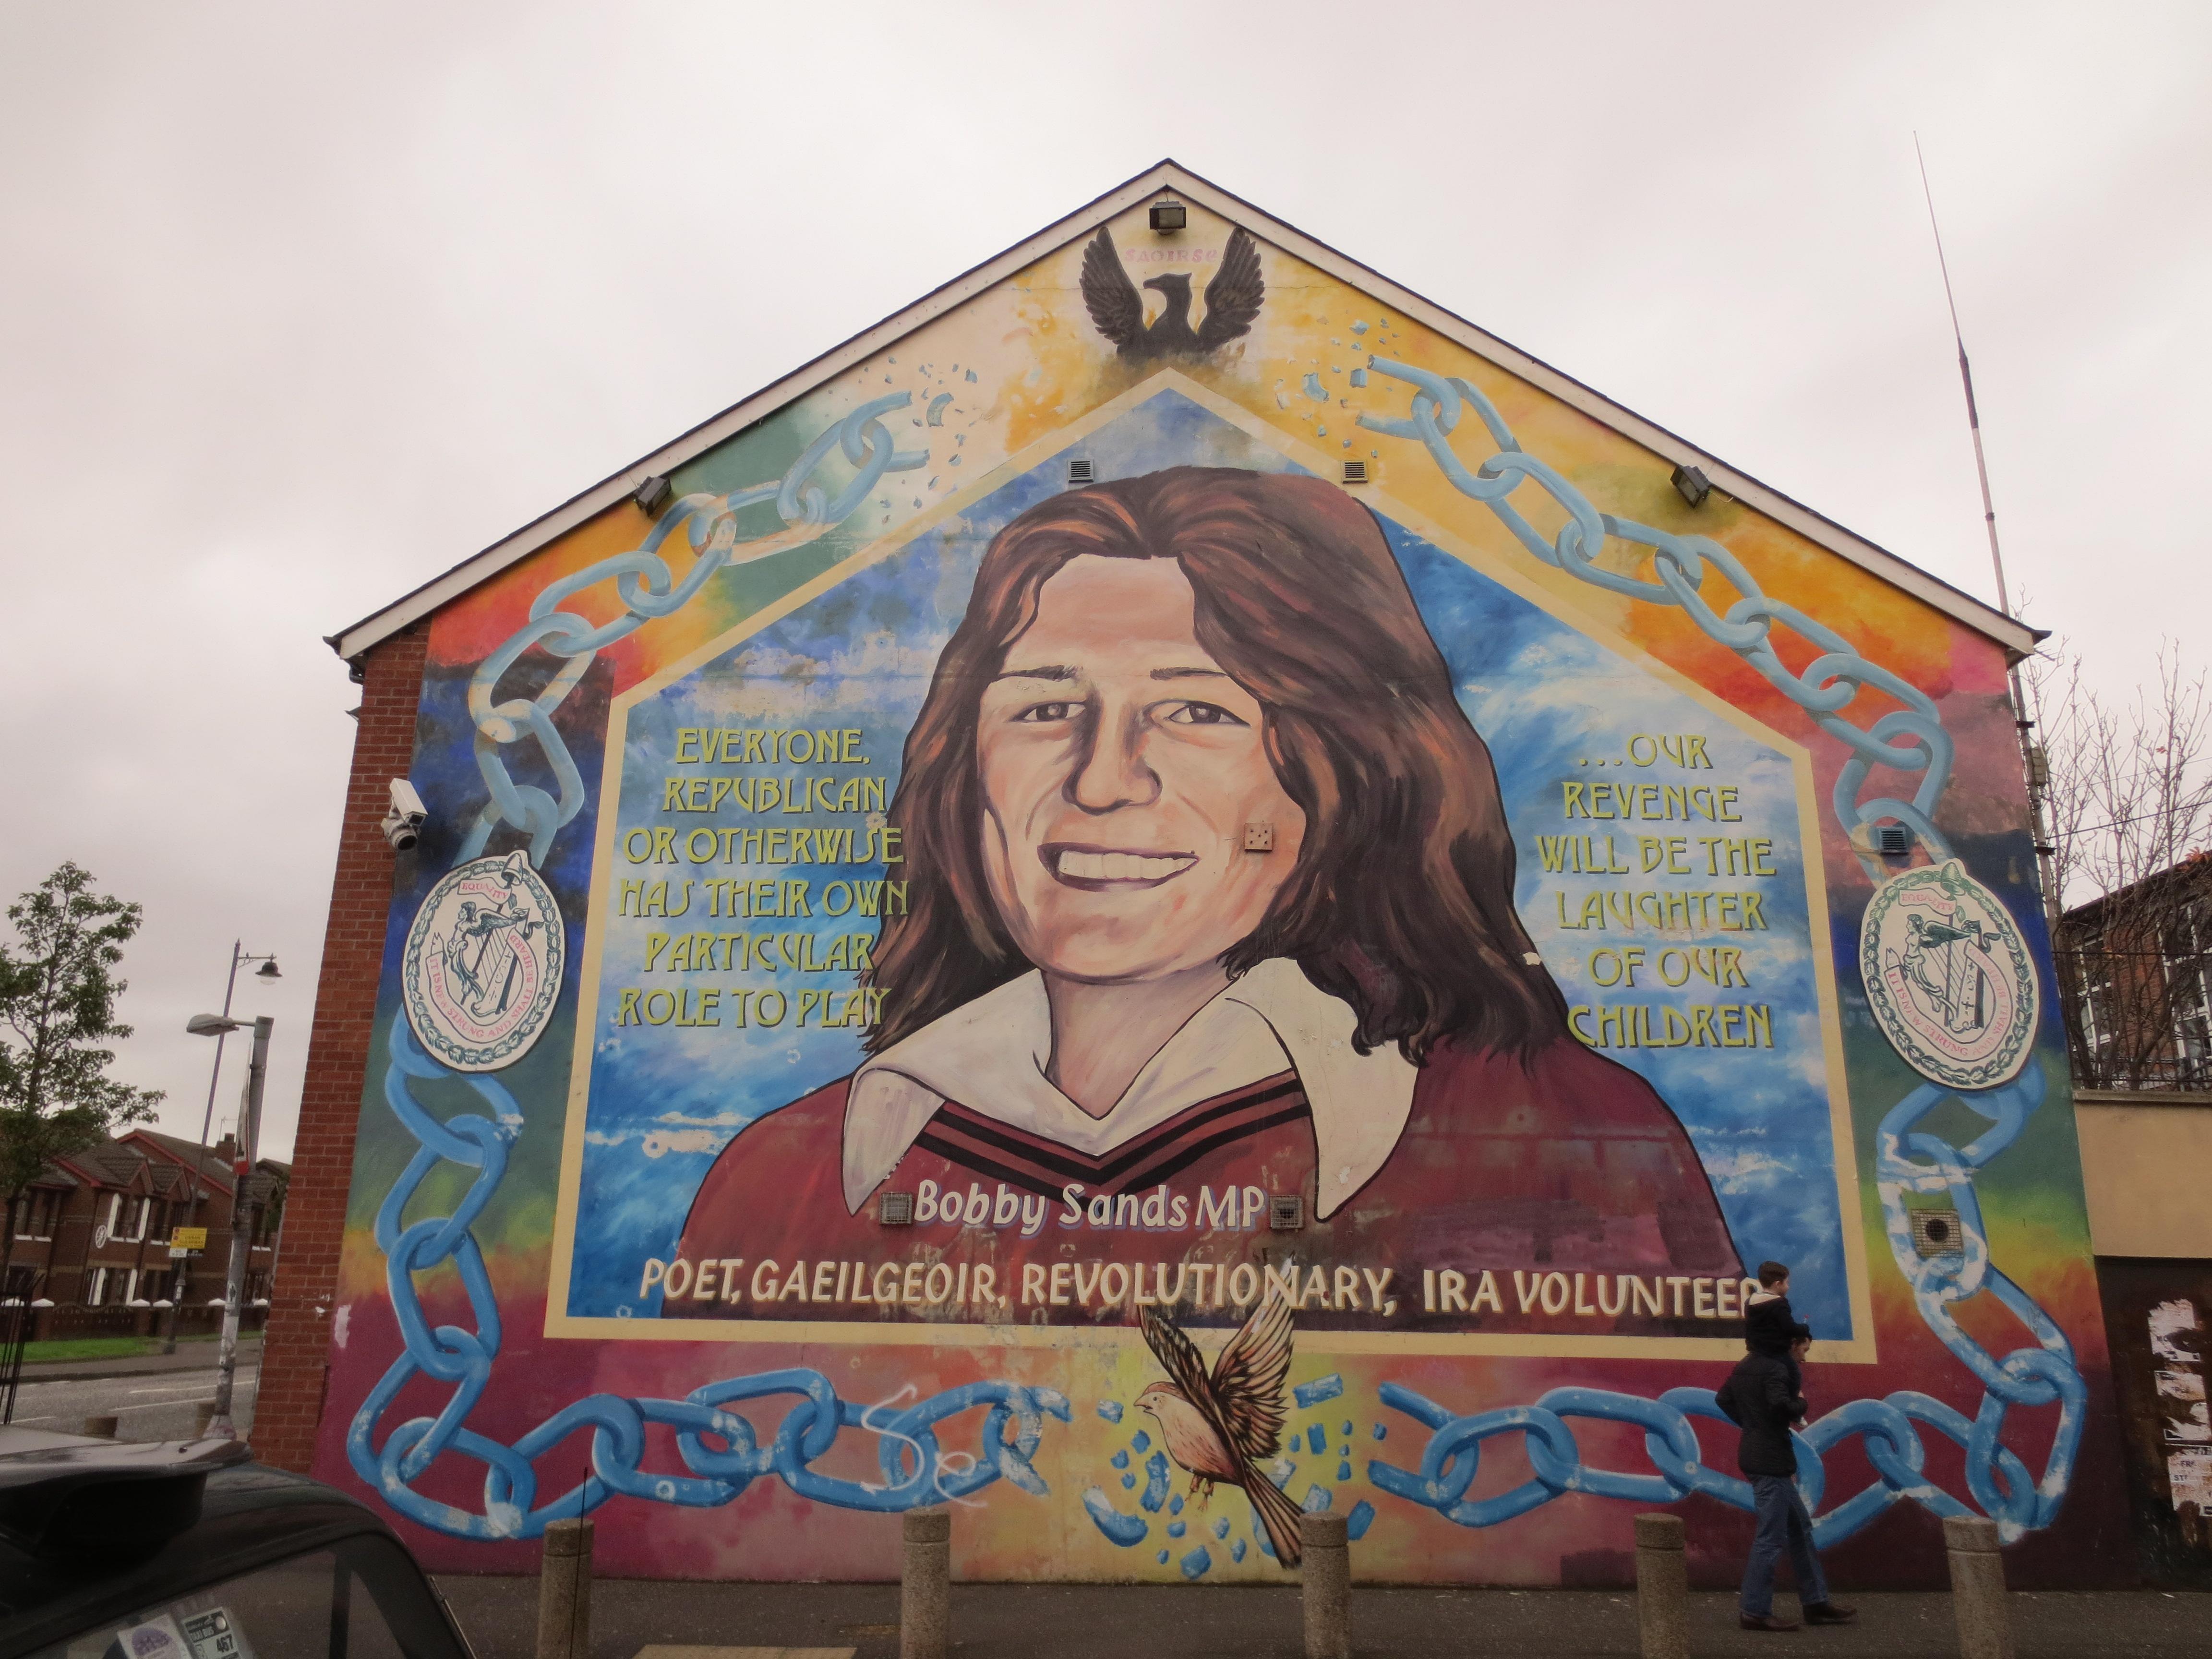 Peinture murale représentant Bobby Sands | Crédits photo : Lauren Konopacz/Le Journal International